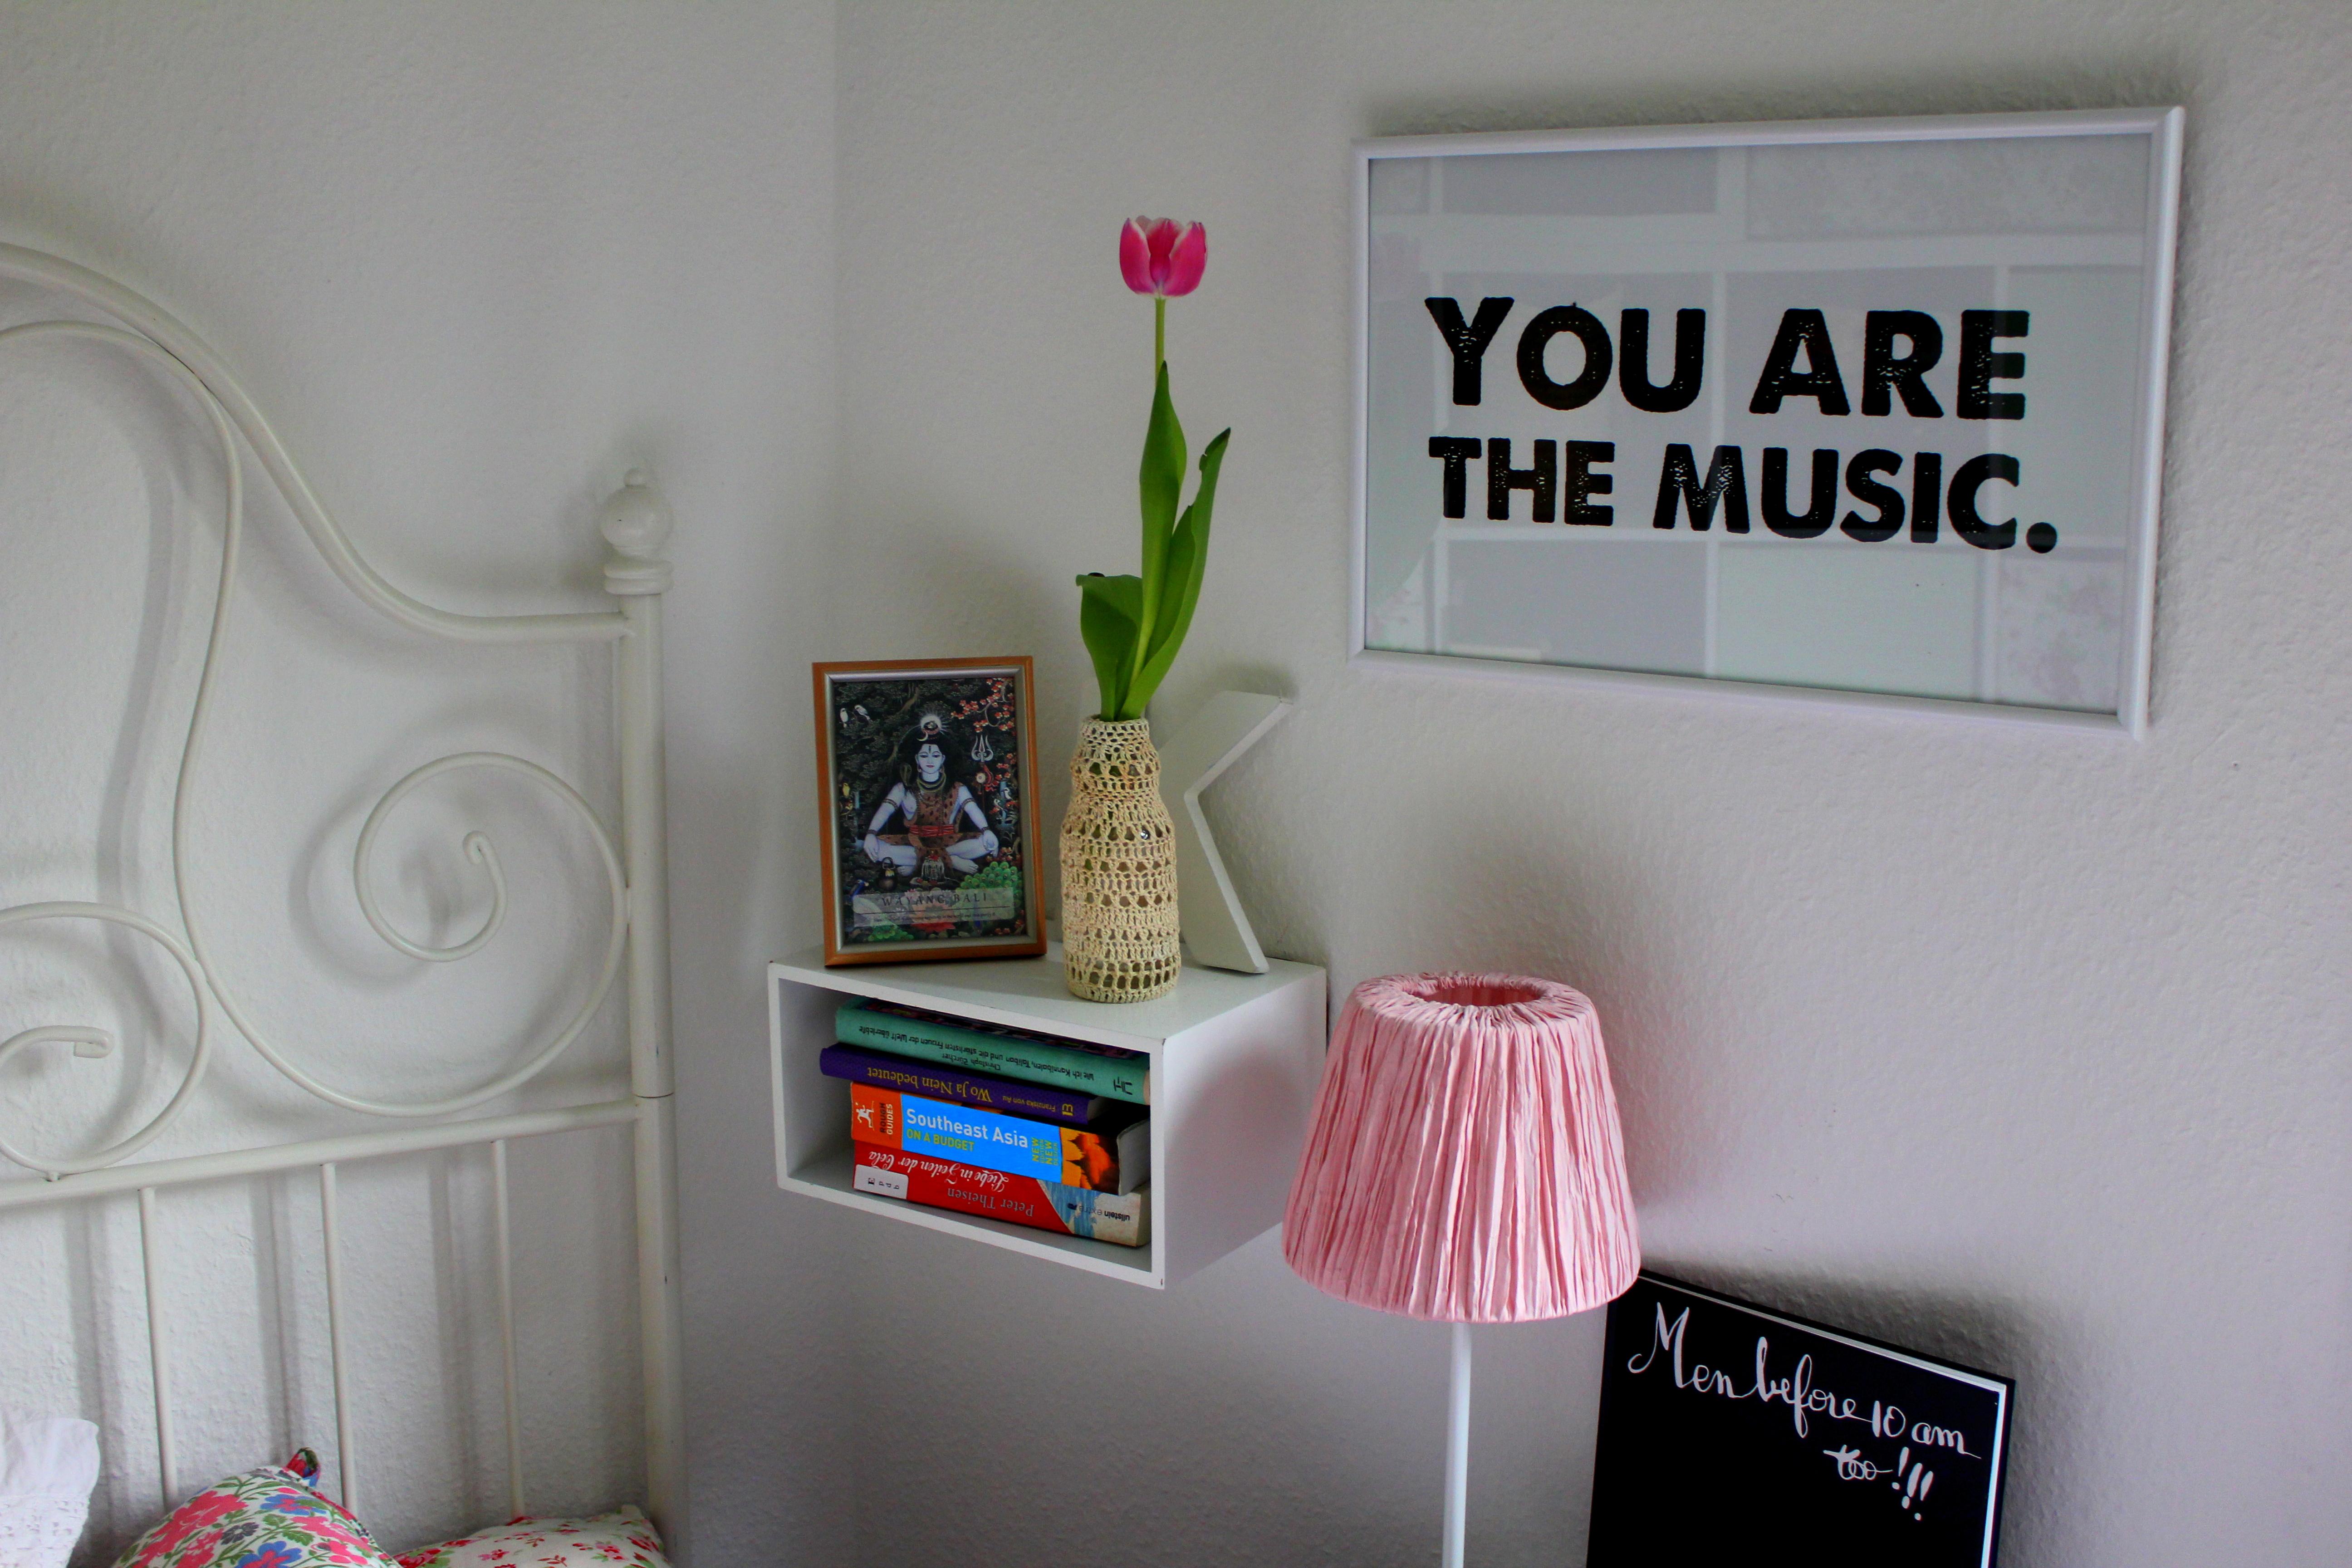 Meine Wohnung - eine Reise - so nah und so fern